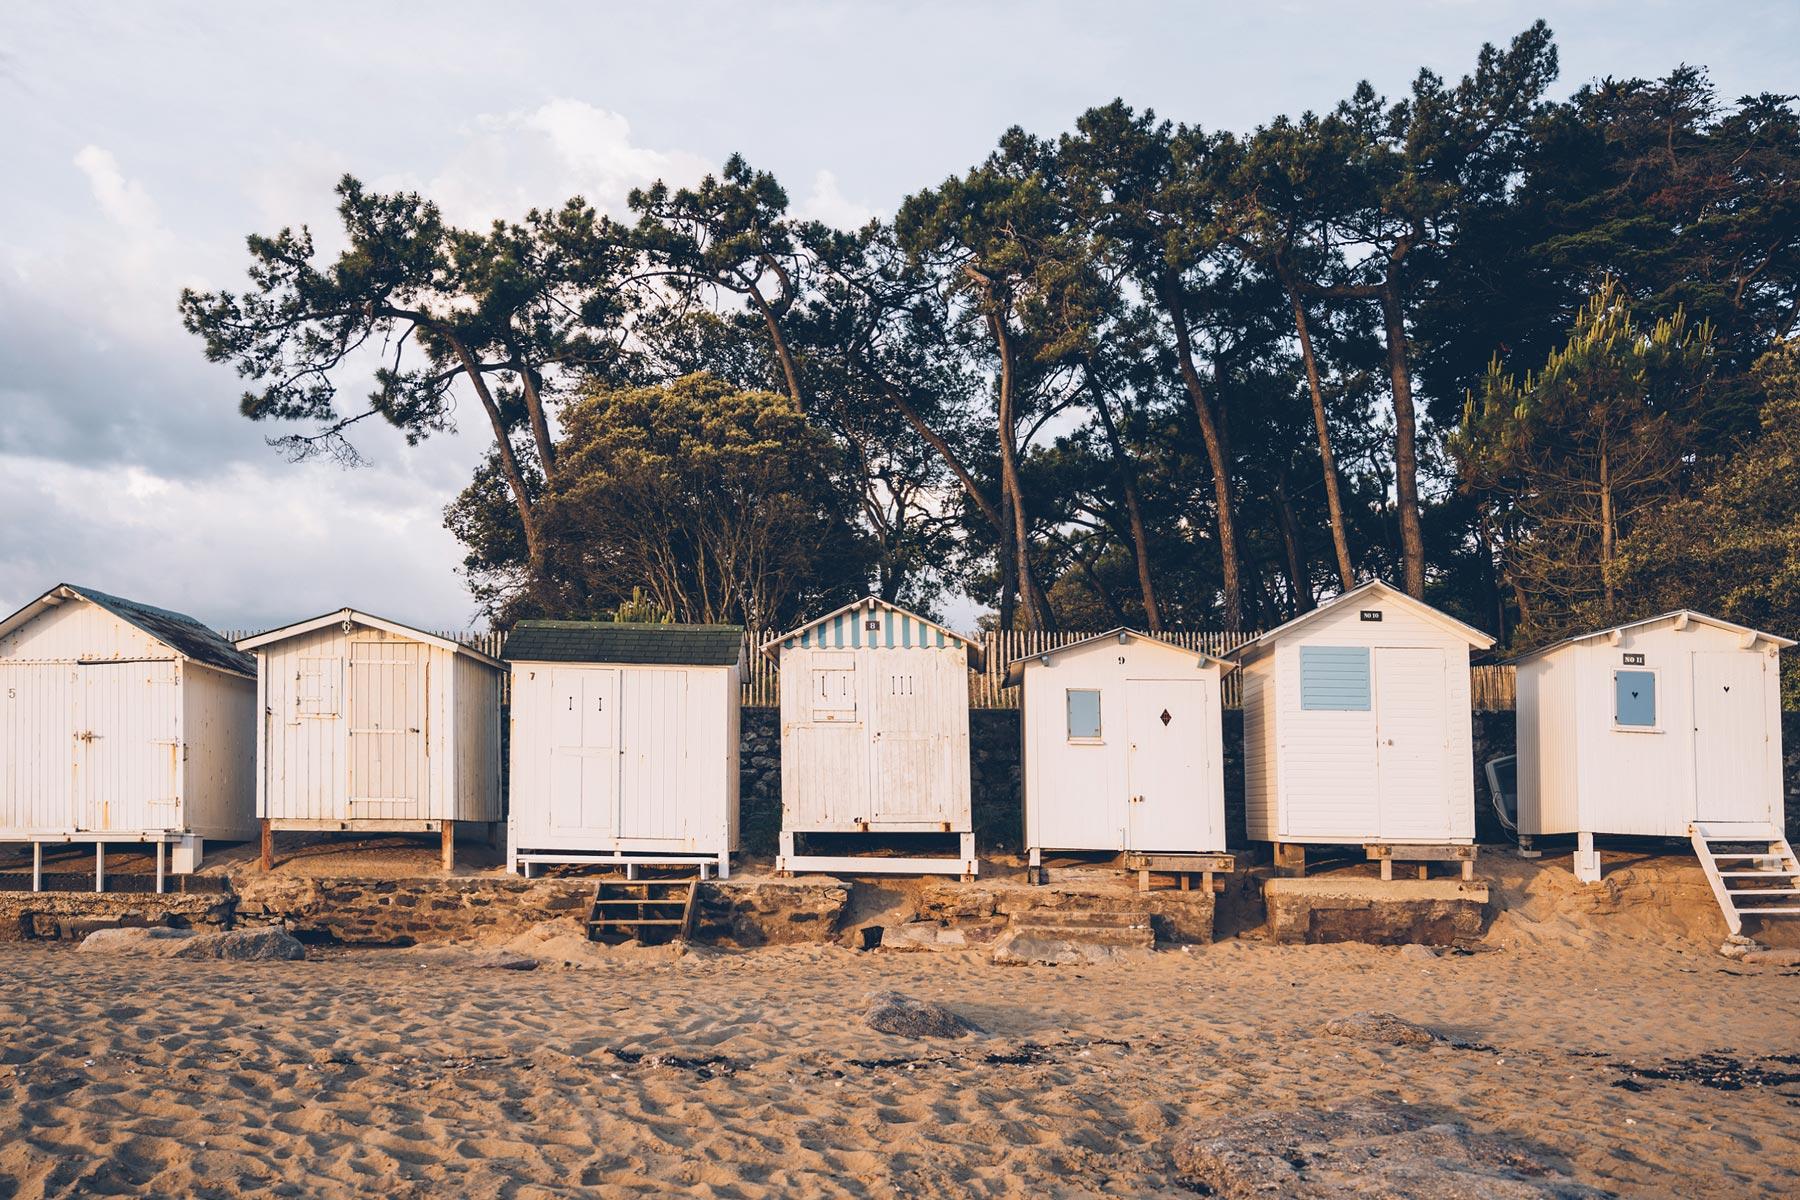 Plage des. Dames Noirmoutier, Vendée